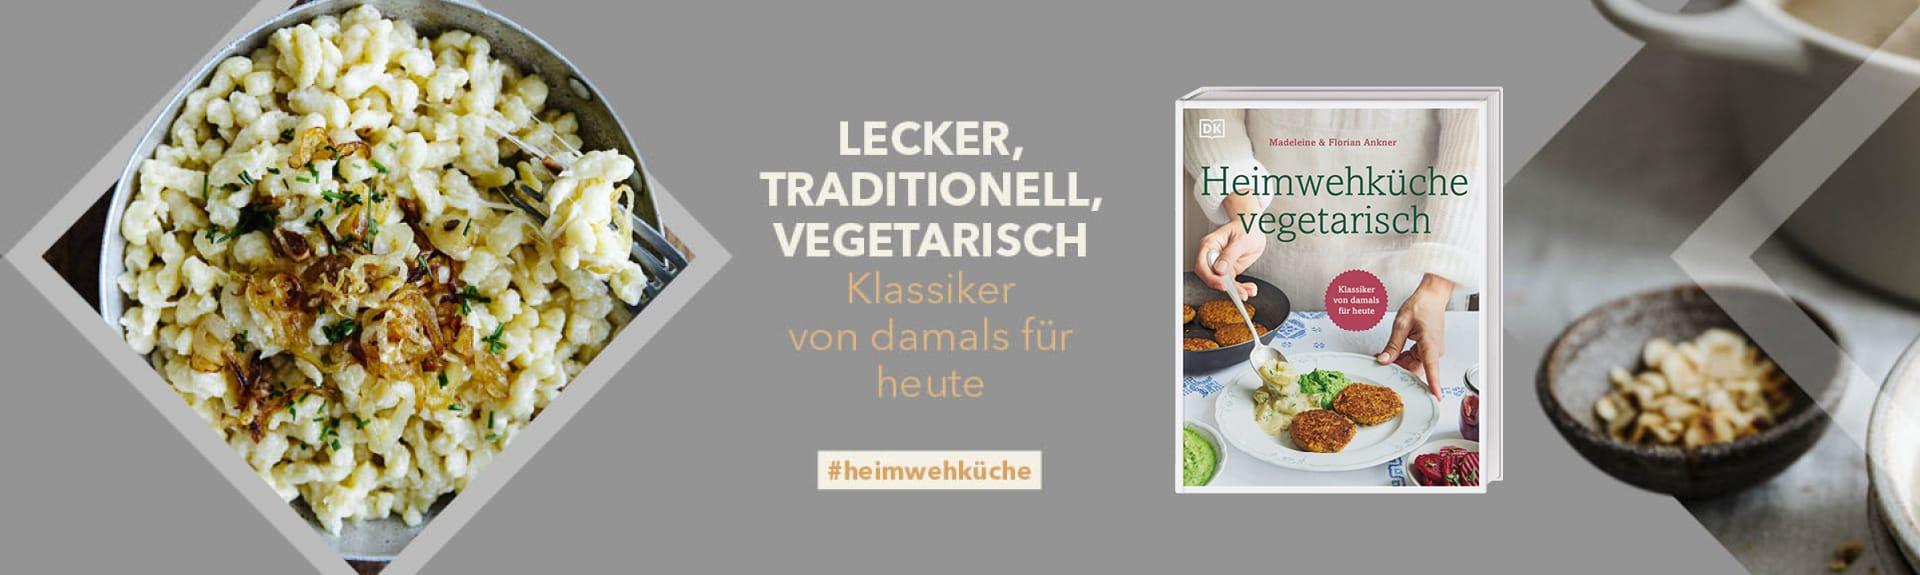 Heimwehküche vegetarisch